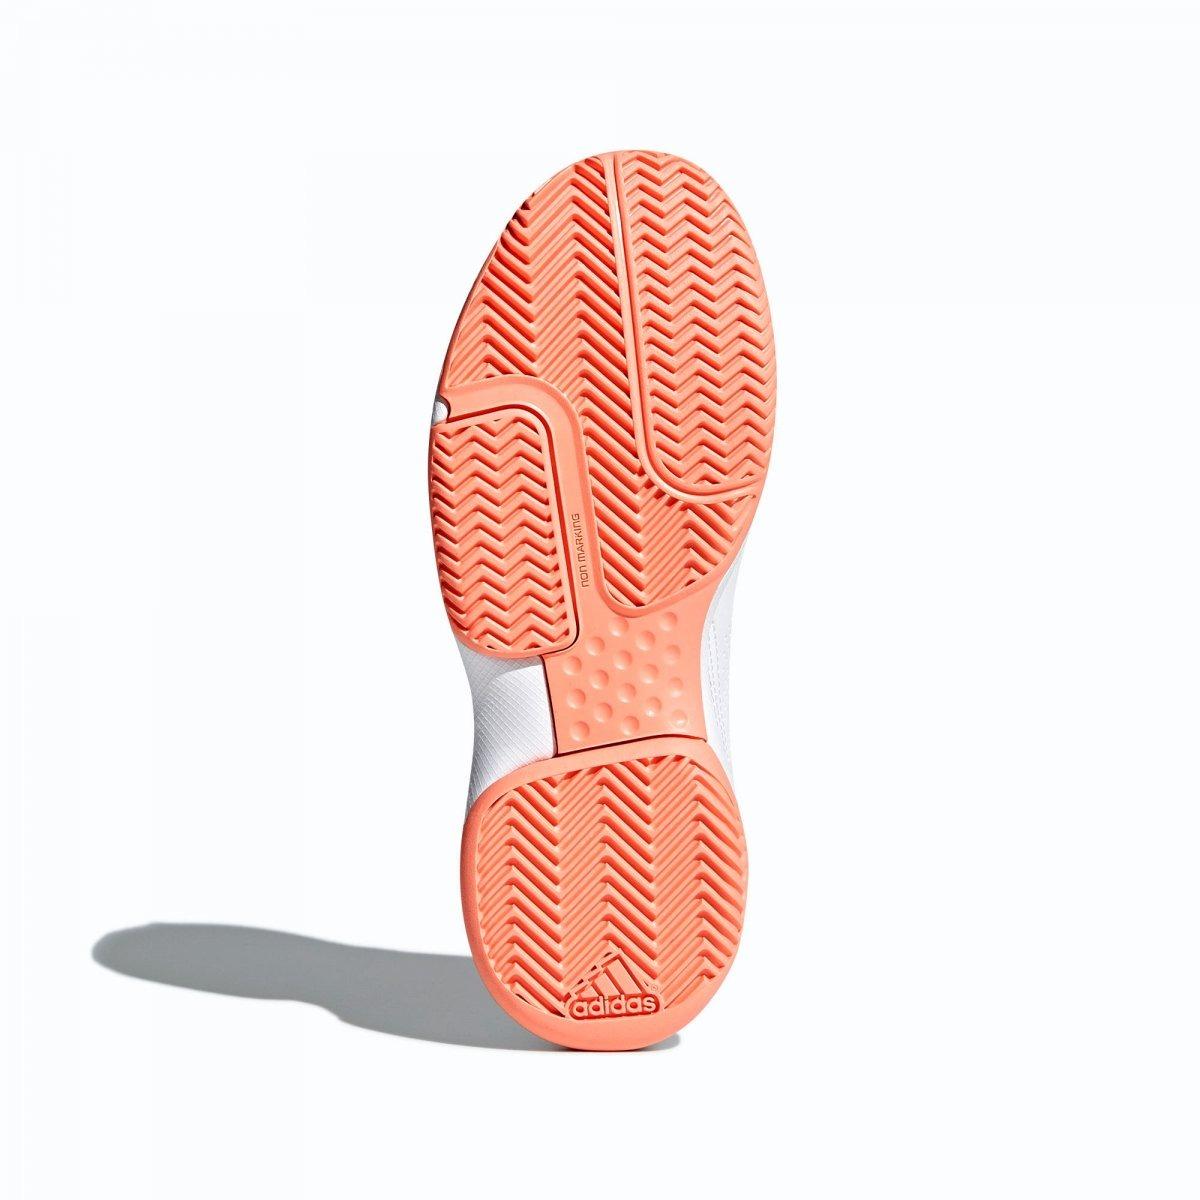 0a210083d Tênis Feminino adidas Aspire Cm7760 - R$ 264,90 em Mercado Livre